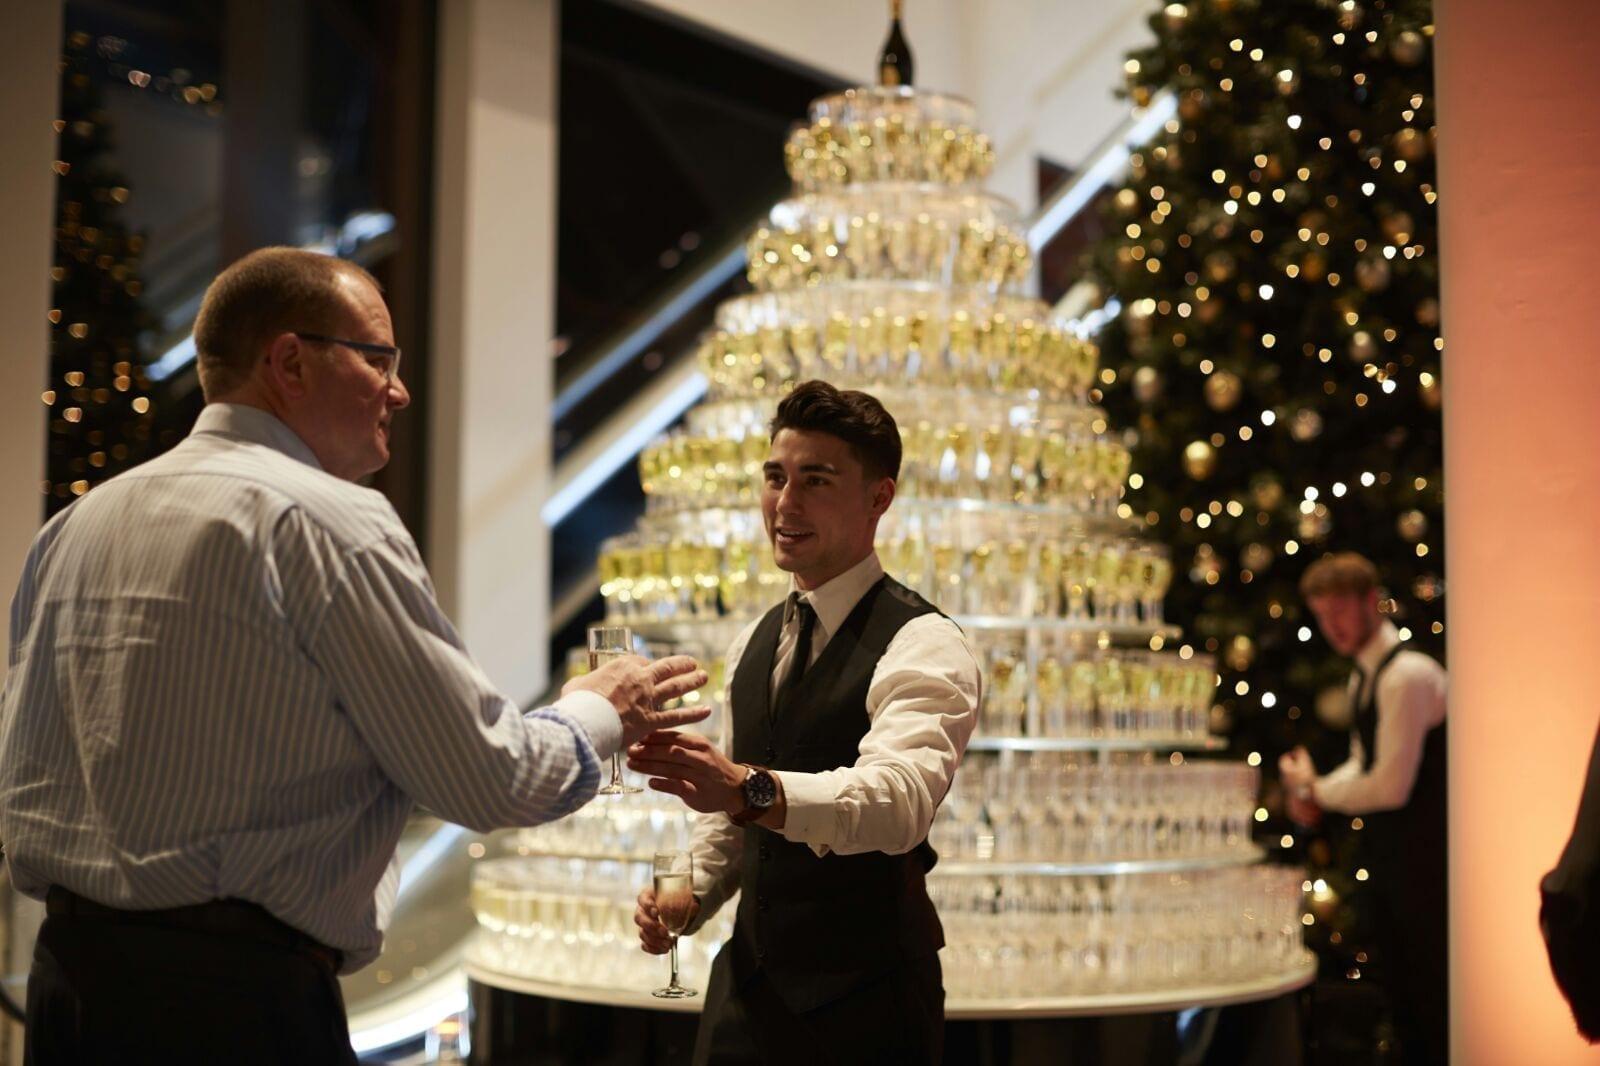 Grand Tower Deluxe champagnetoren van Bar Company